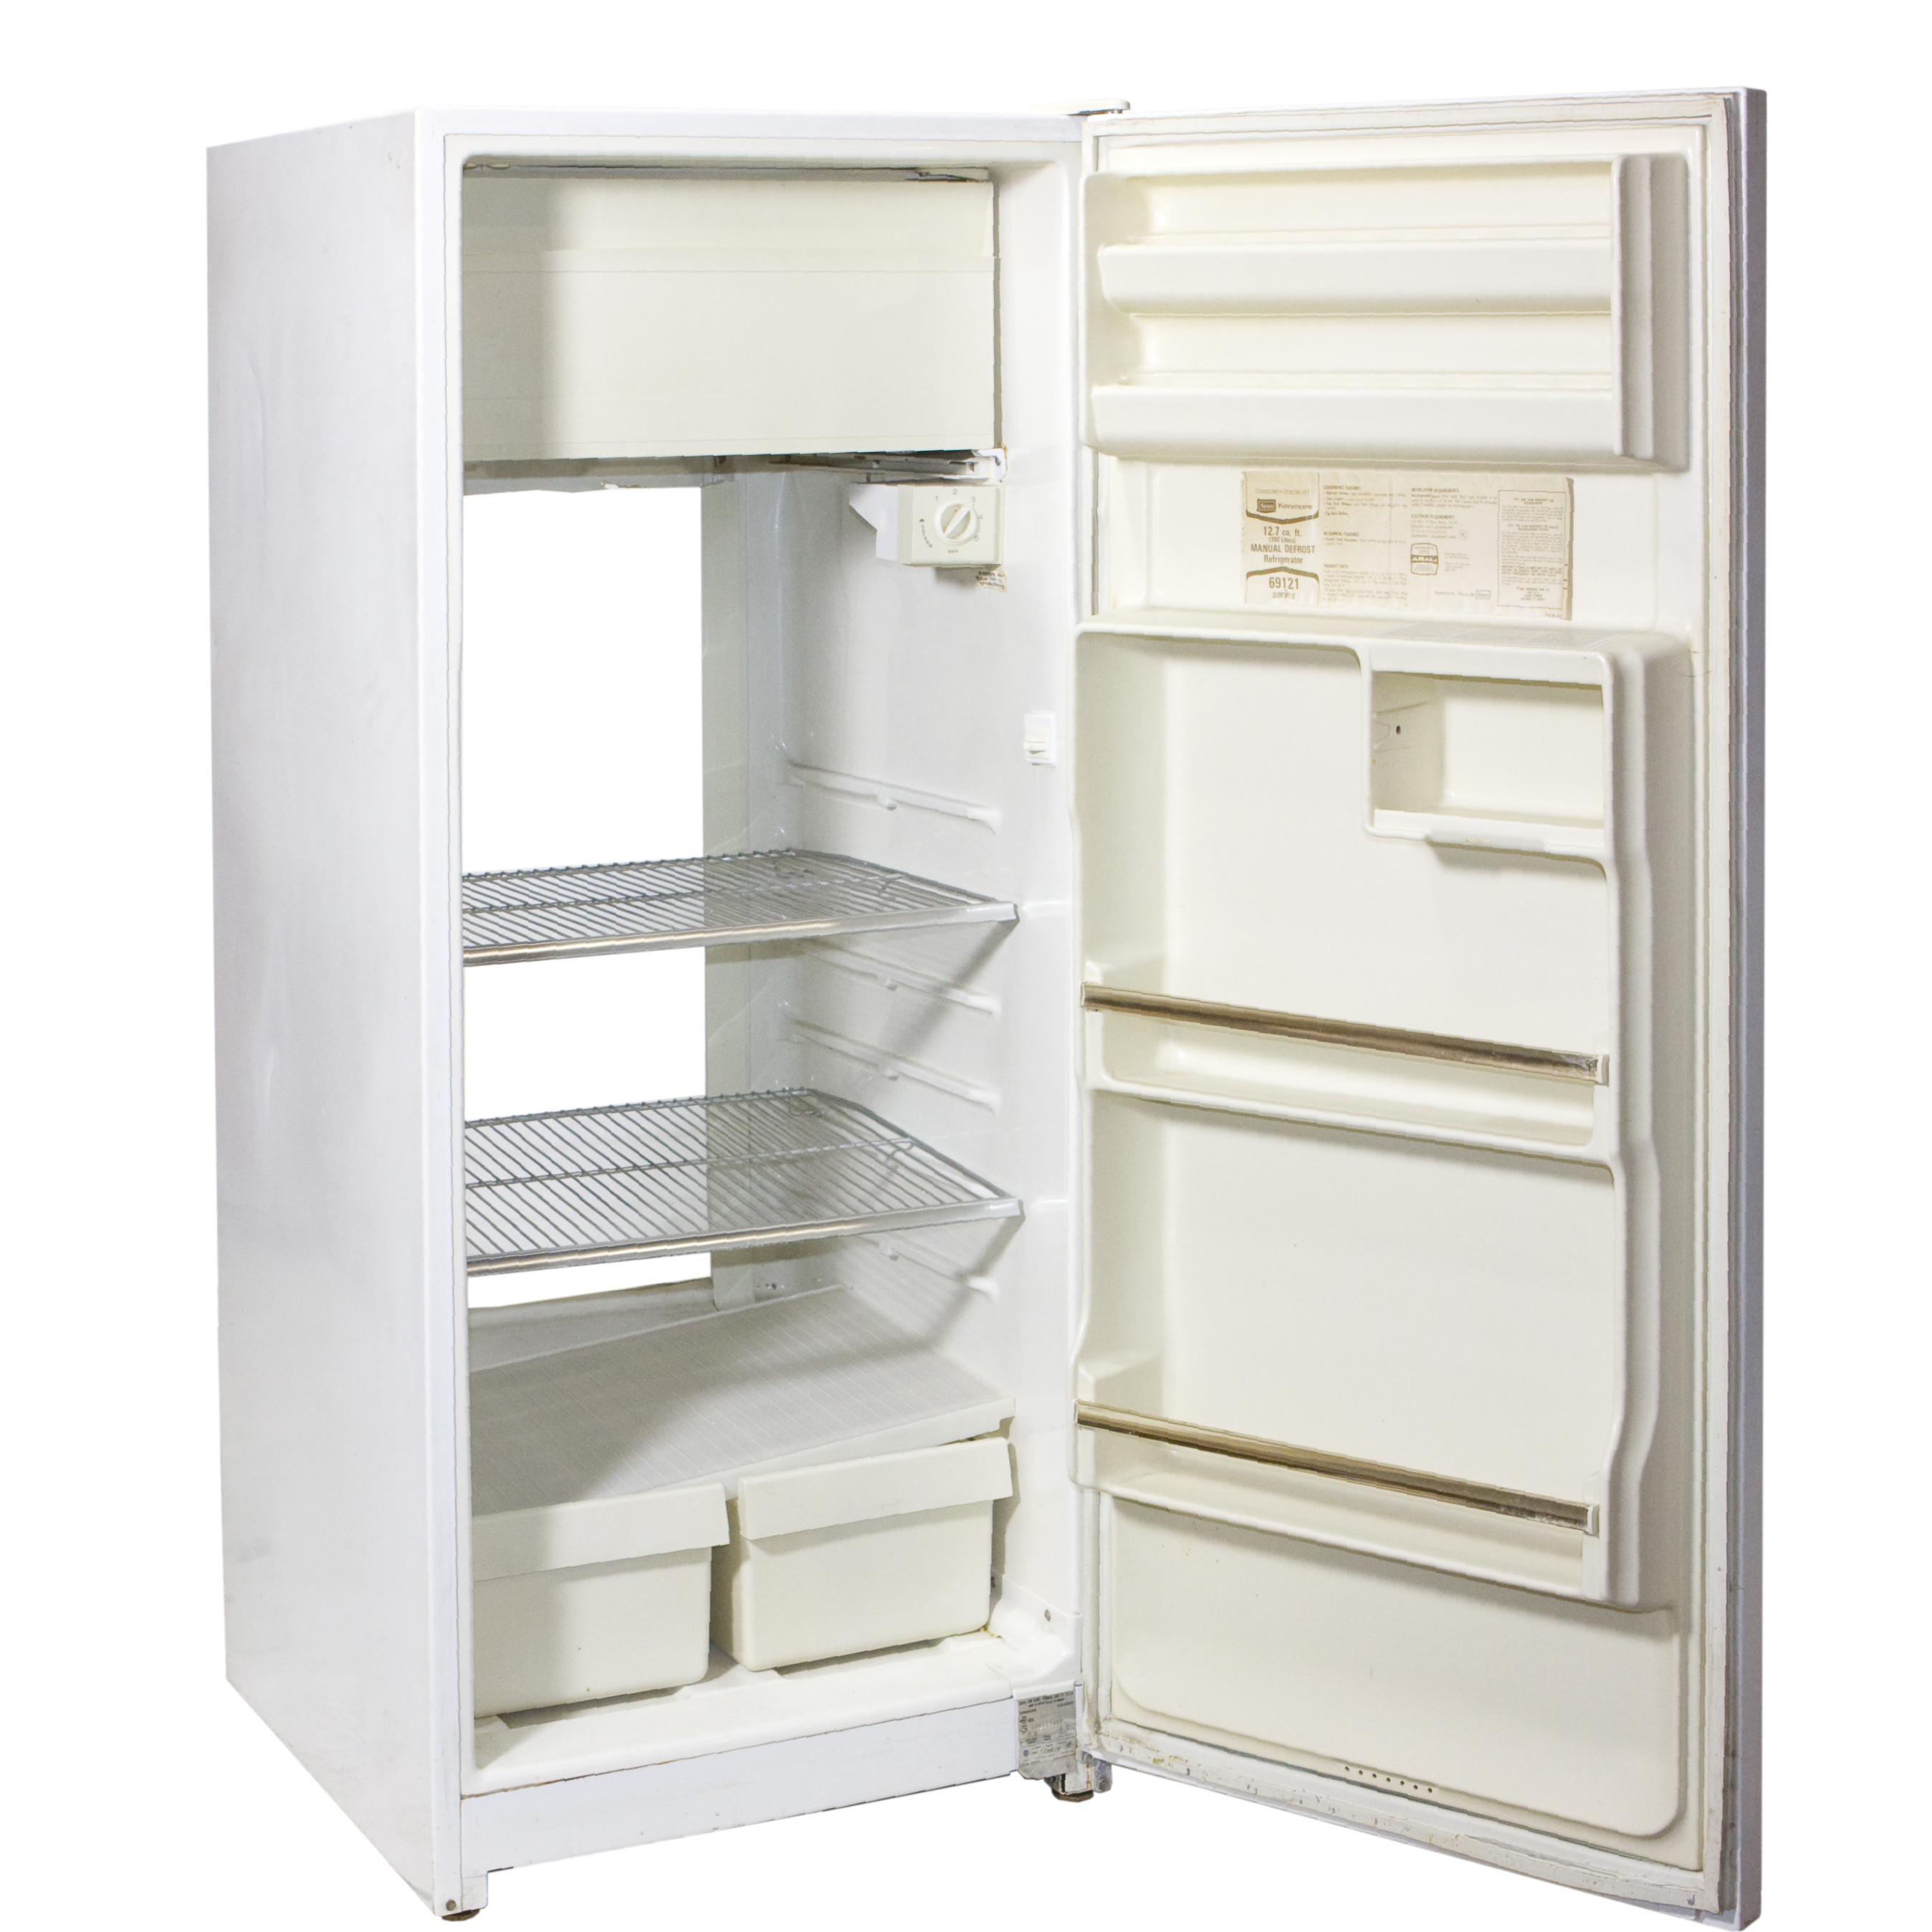 ft drawer bottom single cu jsp prod sears refrigerator door white outlet freezer kenmore details d product